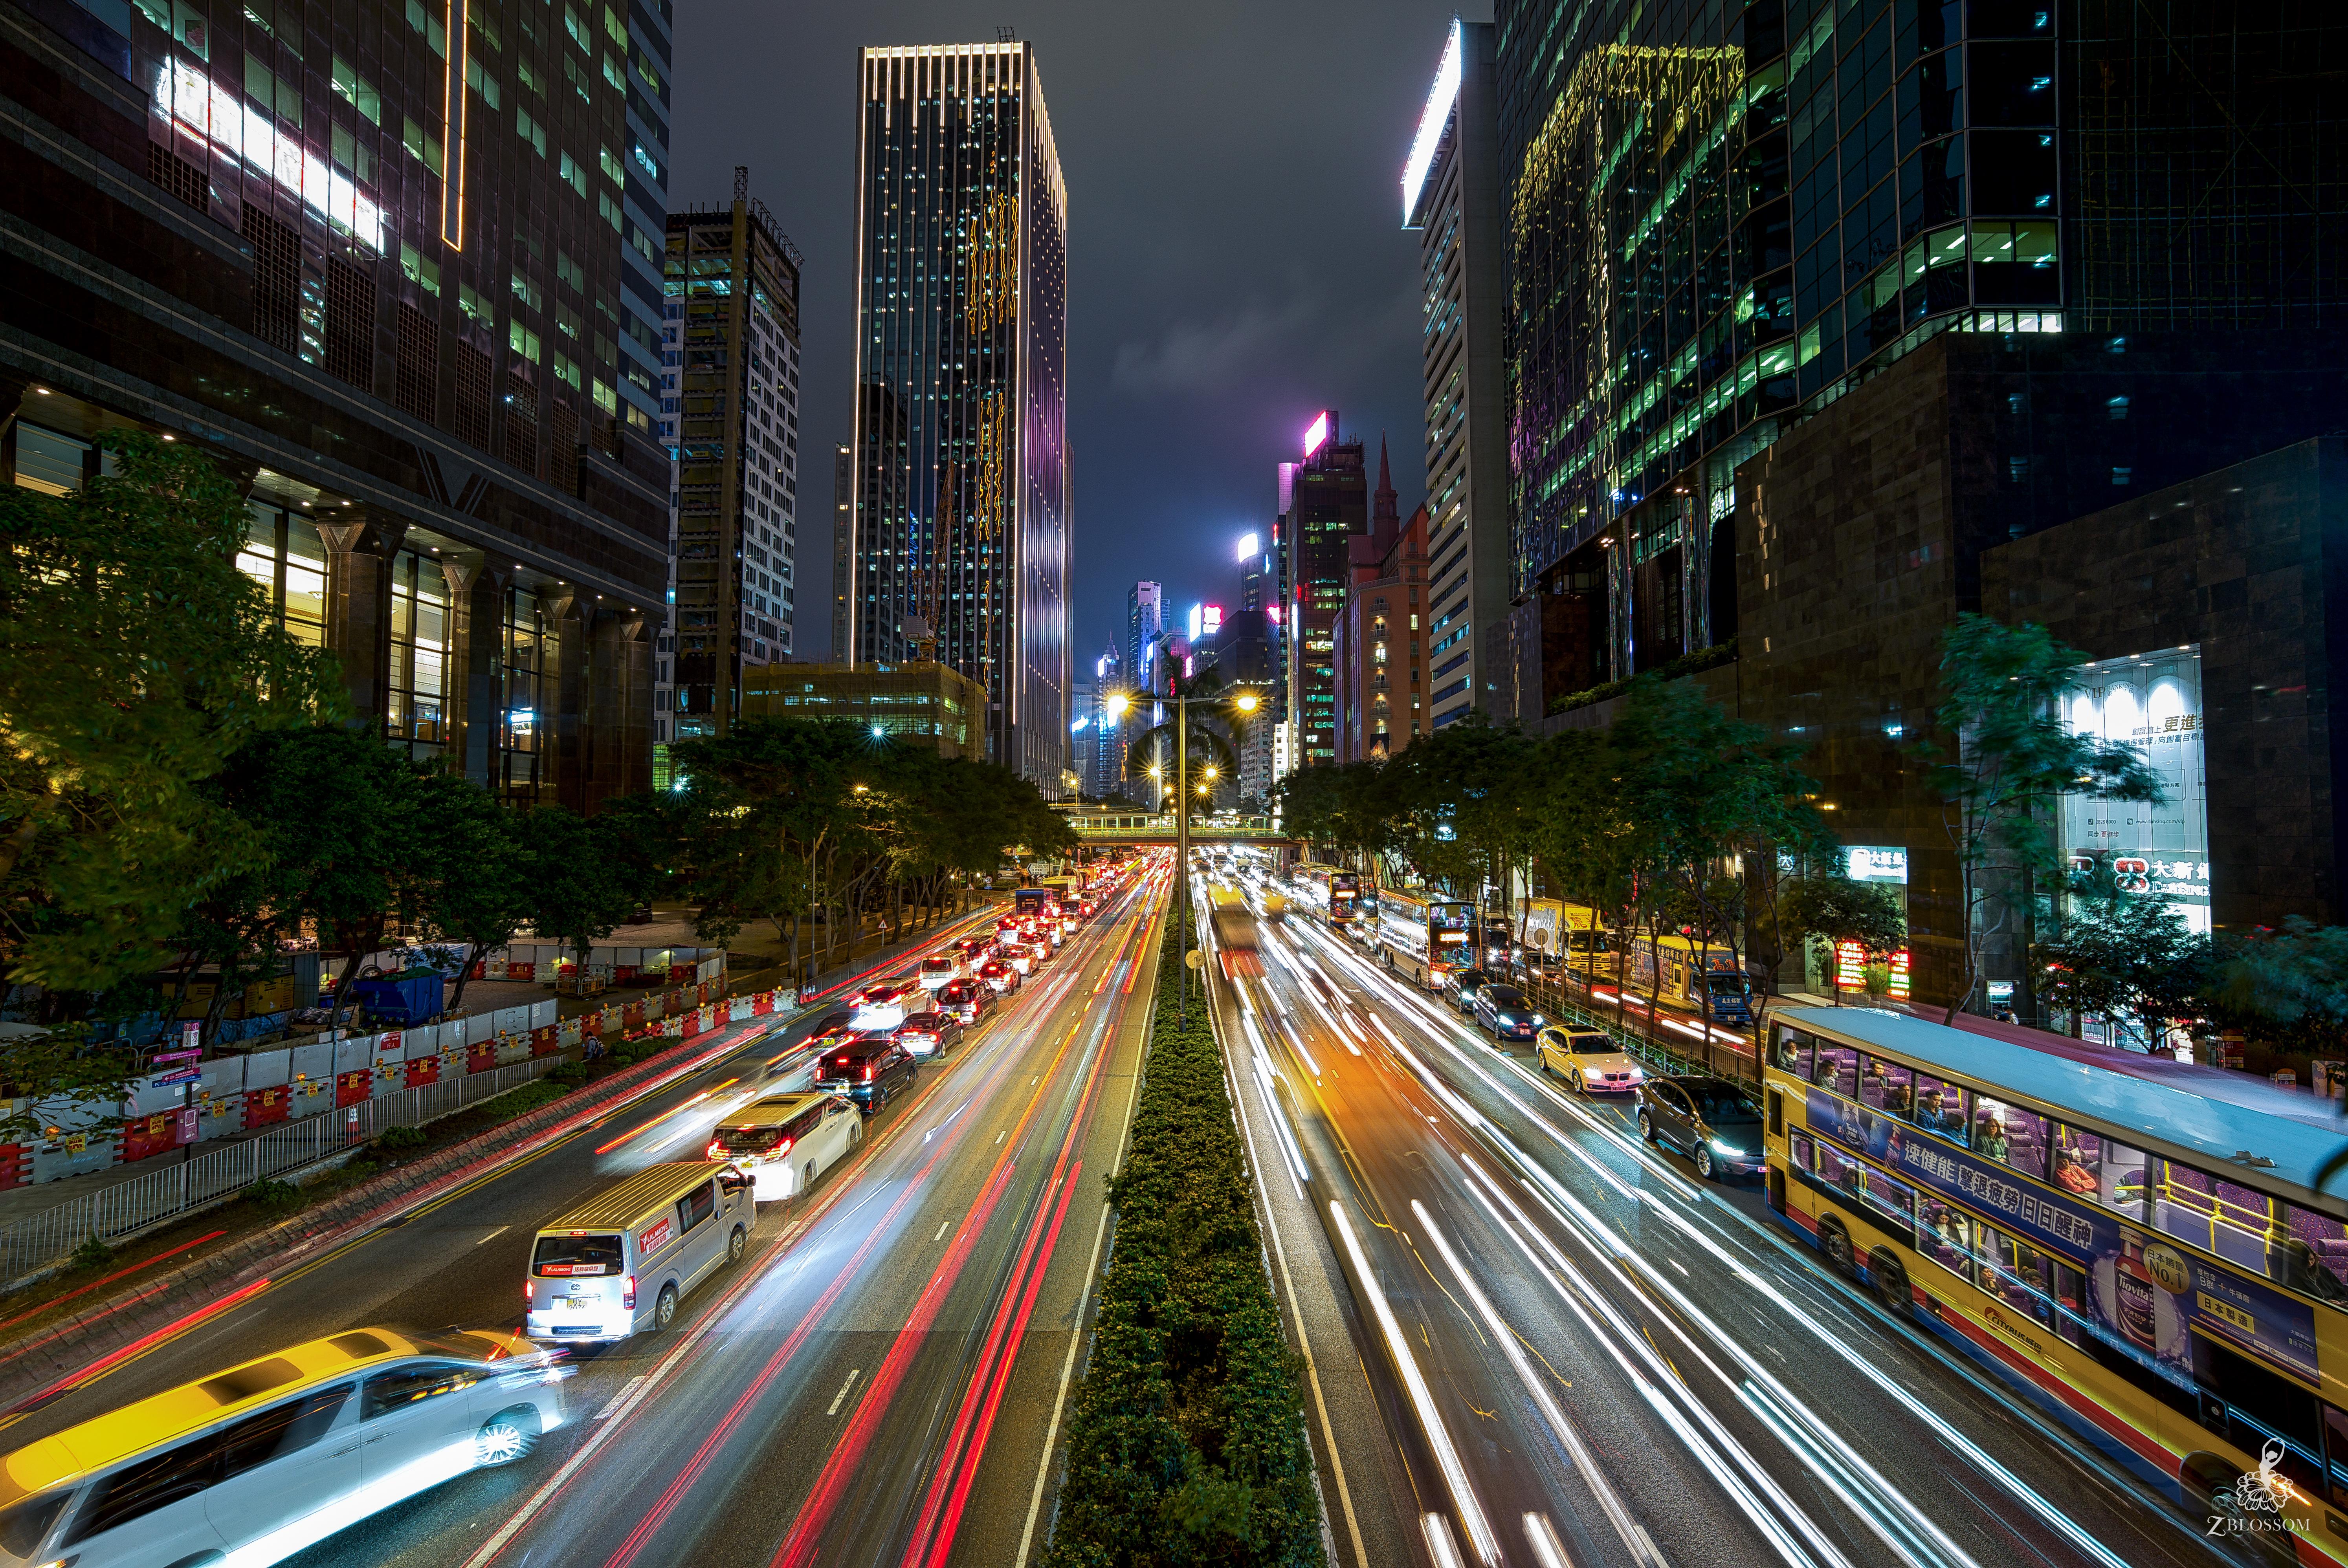 wanchai traffic M-P240 tri